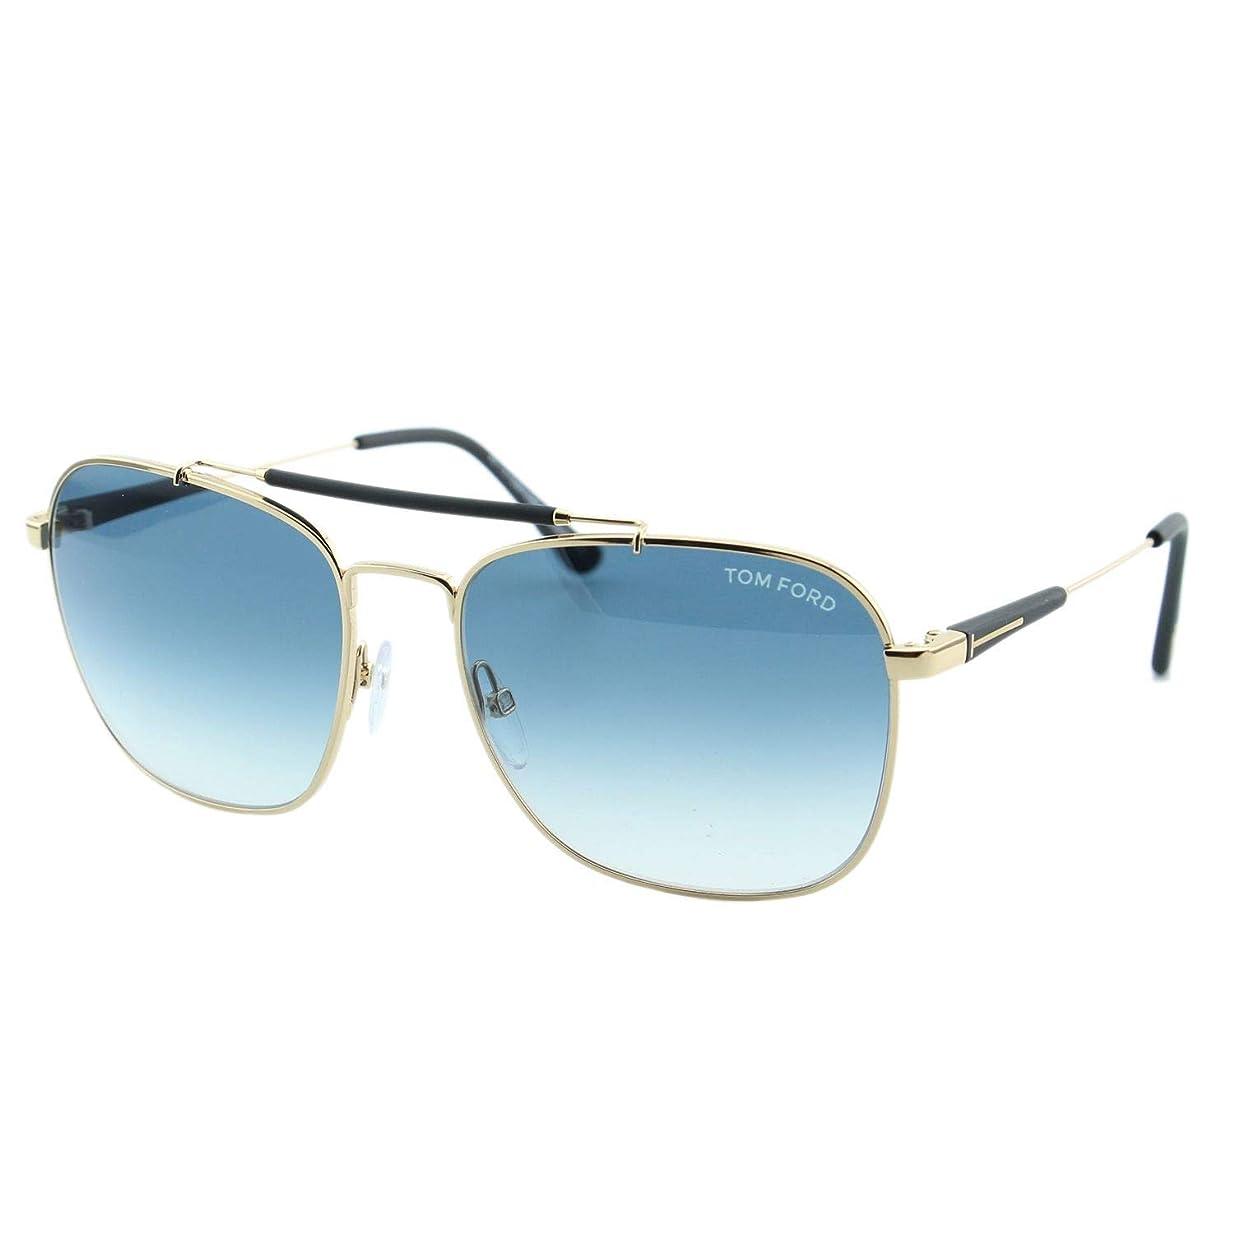 香り不定否認するFT0377 28W Shiny Rose Gold, Matte Black / Gradient Turquoise Lenses